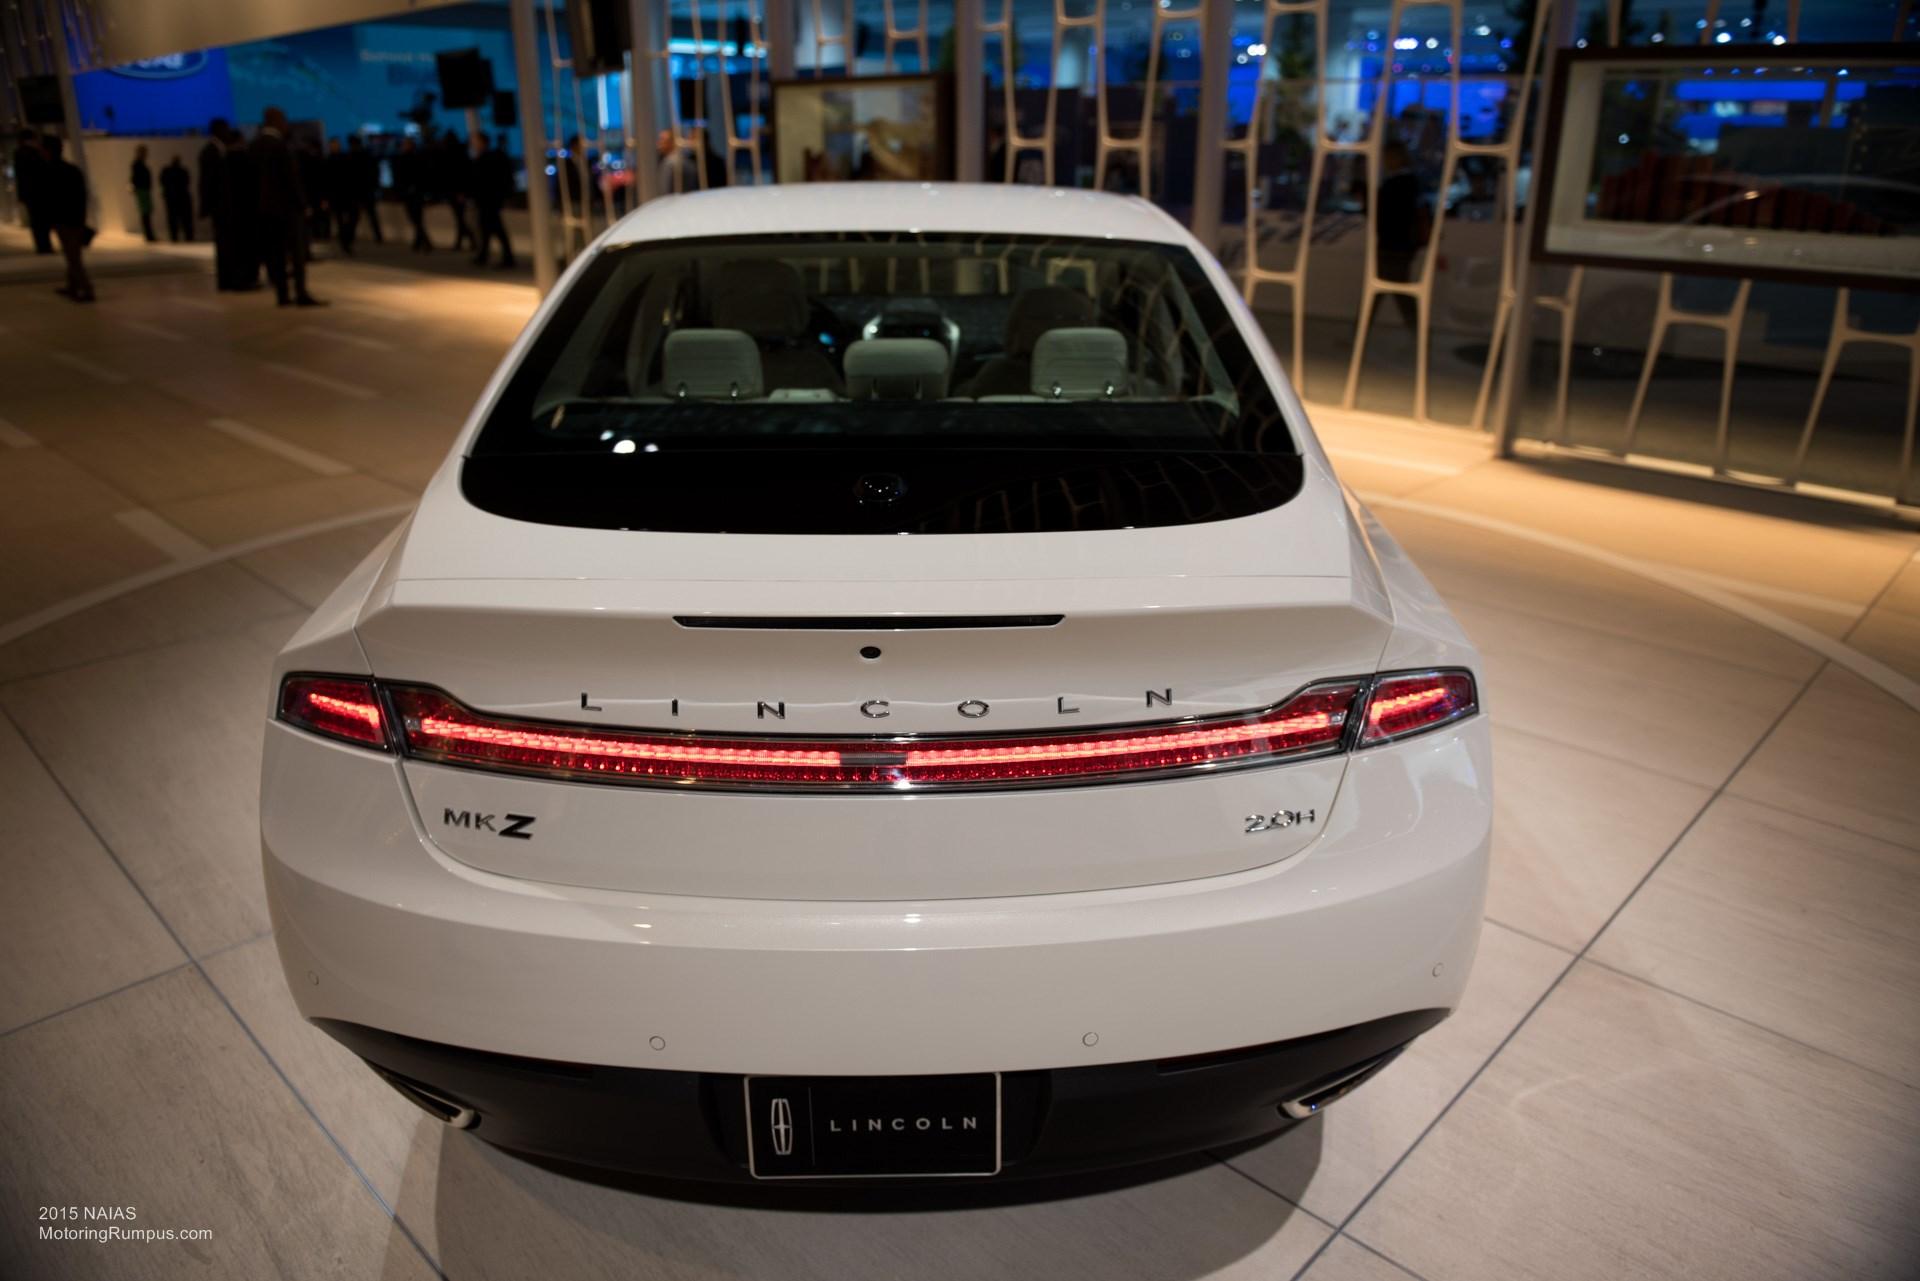 2015 NAIAS Lincoln MKZ Rear